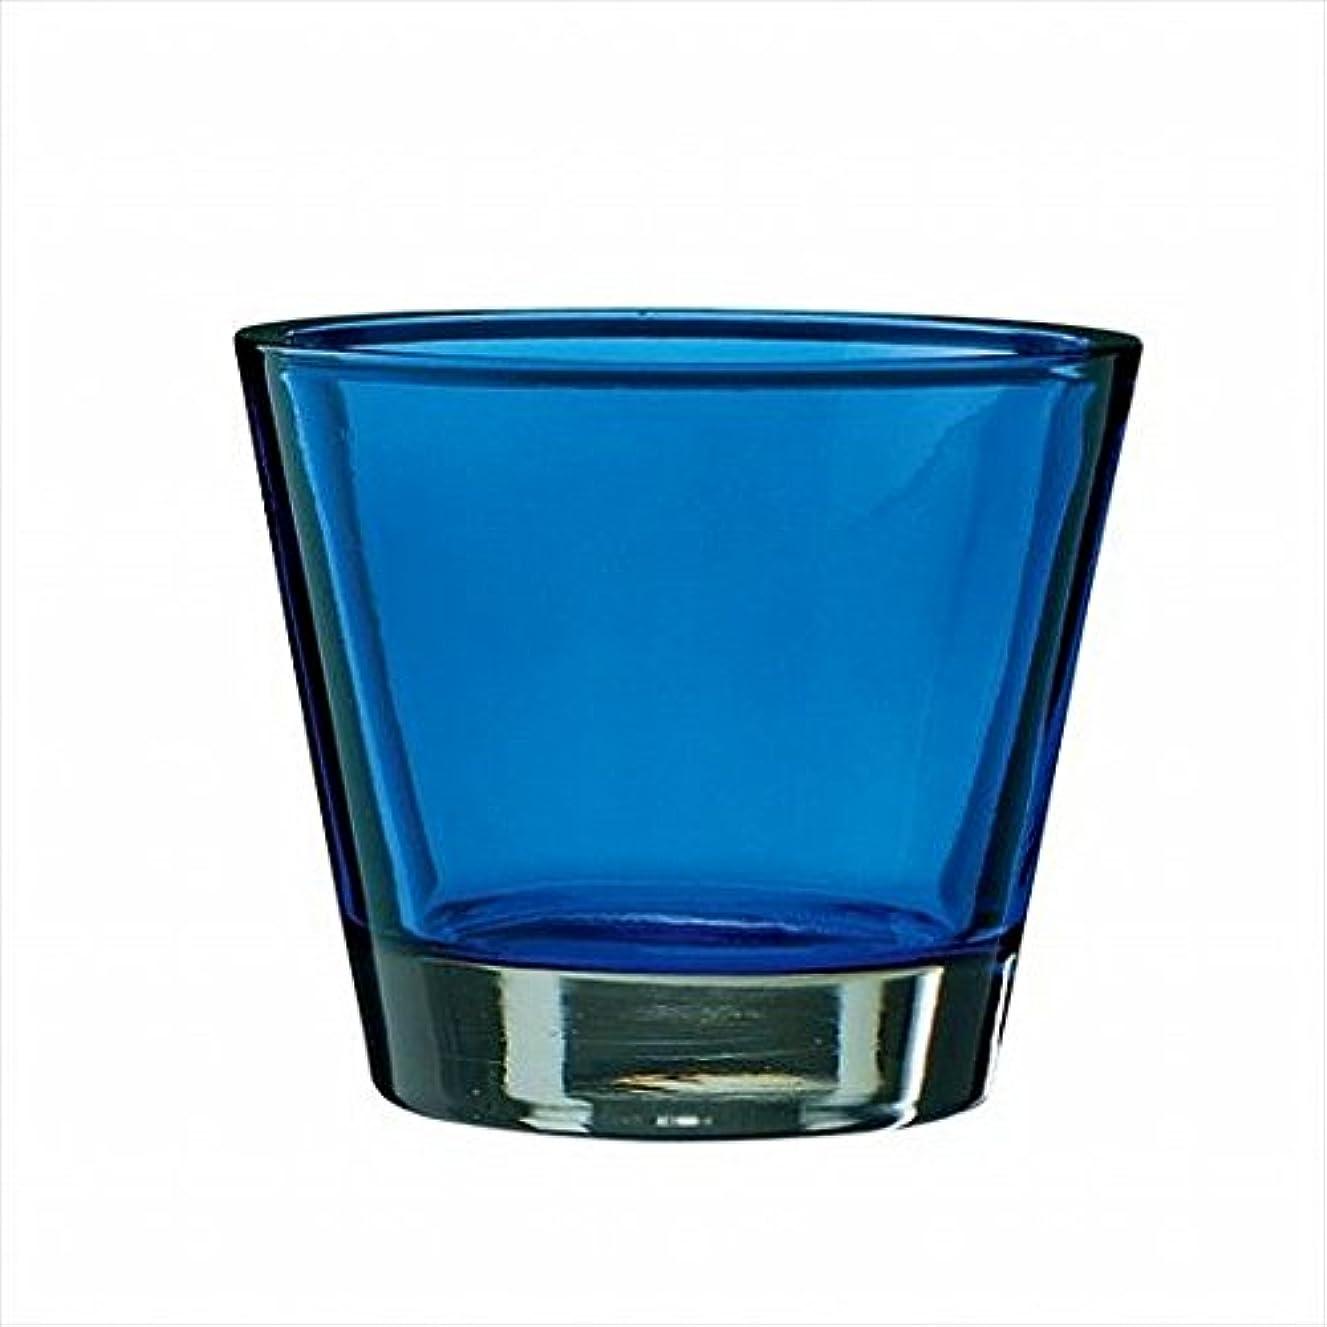 所得電圧サラダkameyama candle(カメヤマキャンドル) カラリス 「 ブルー 」 キャンドル 82x82x70mm (J2540000B)